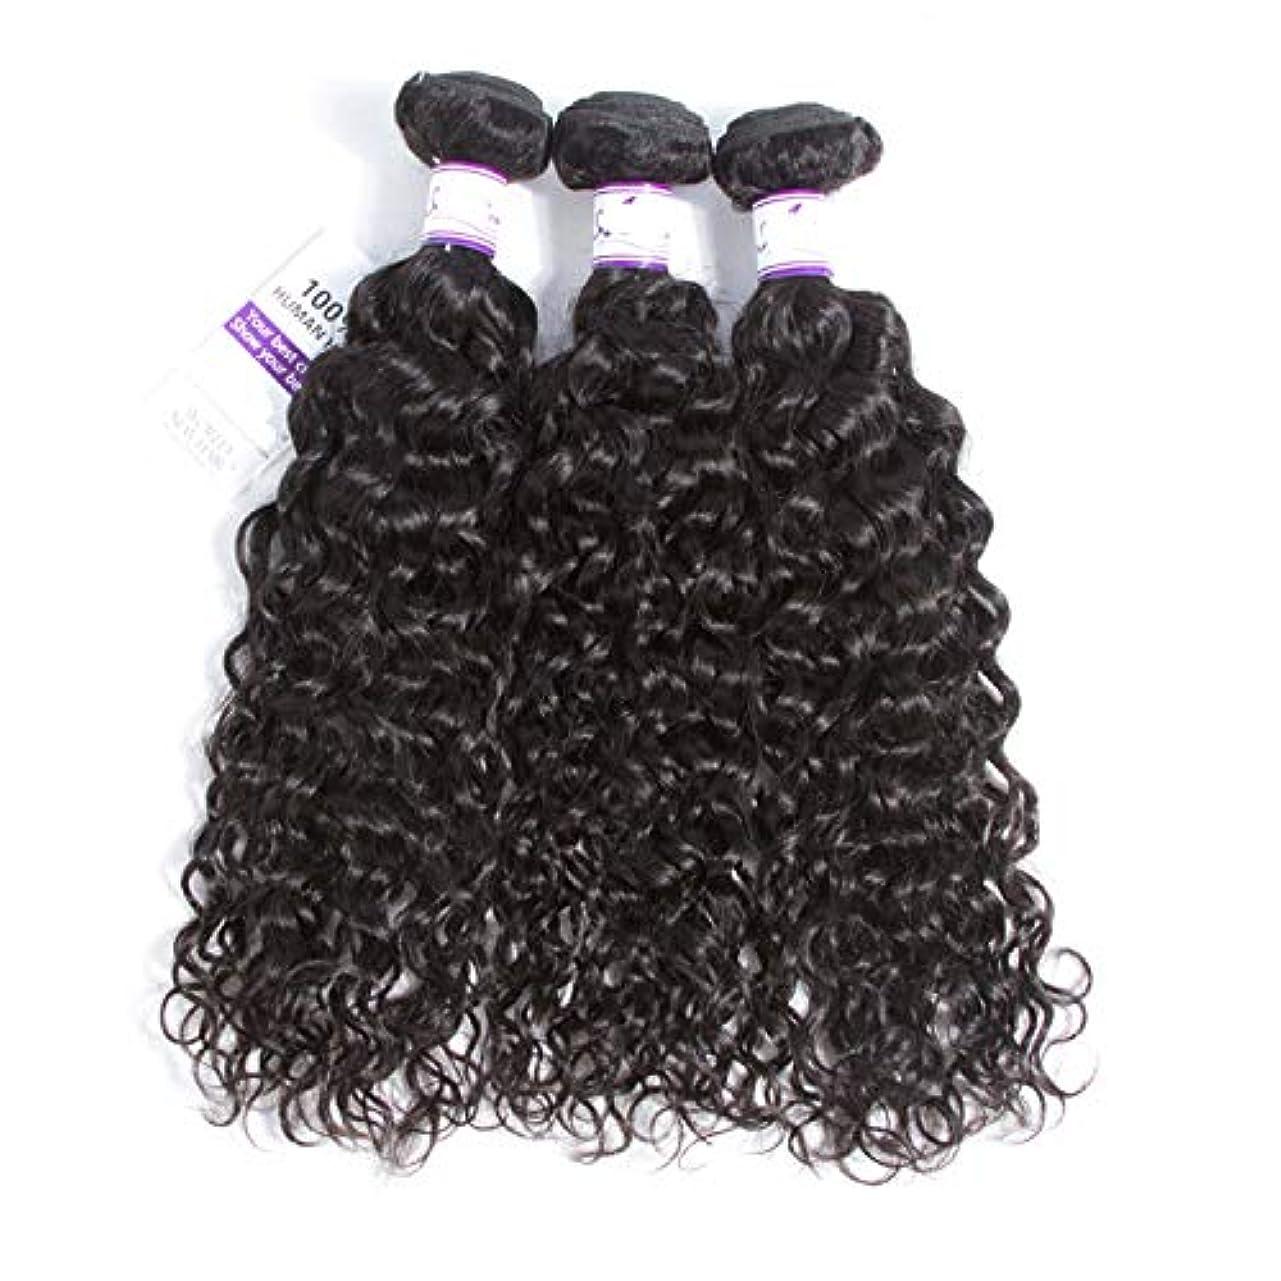 異邦人試用和らげるかつら マレーシア水波毛束8-28インチ100%人毛織りレミー髪ナチュラルカラー3ピース髪織り (Stretched Length : 20 20 22)